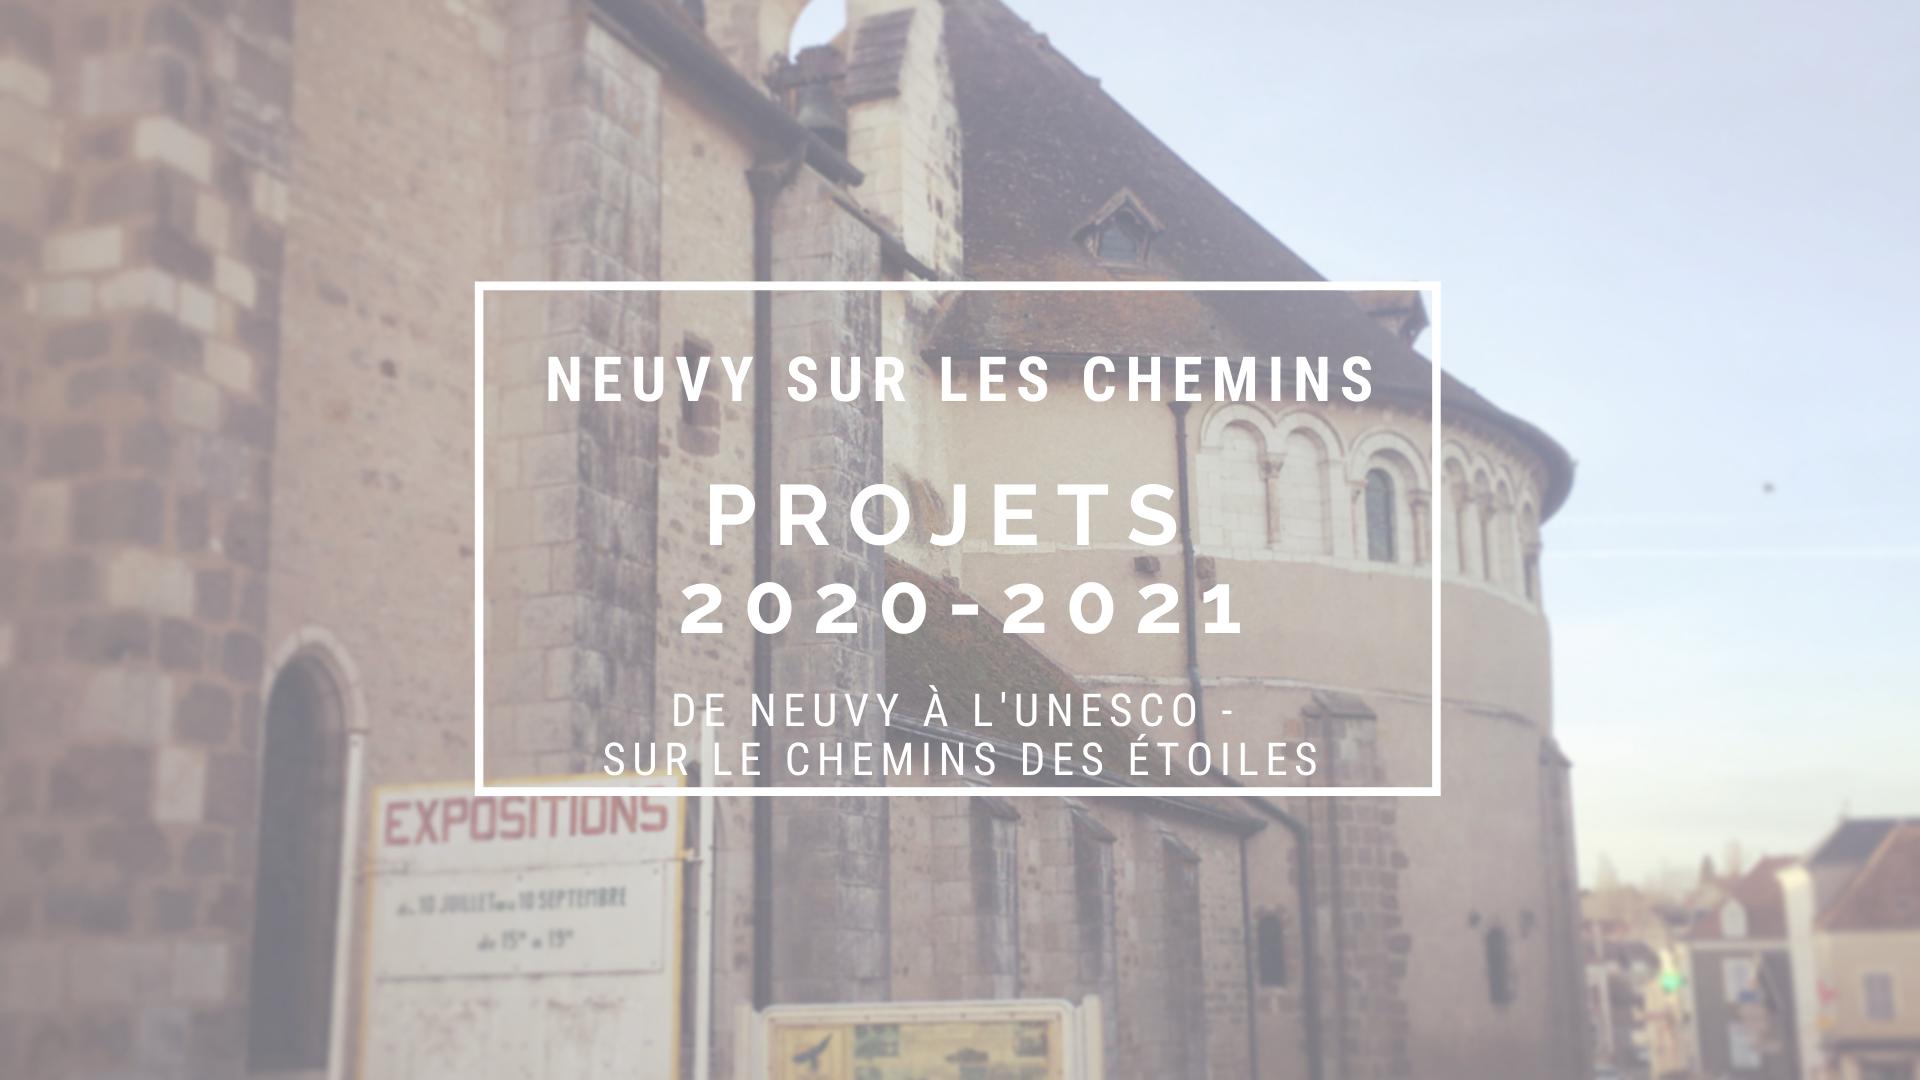 Bilan 2020 et projets 2021 Neuvy sur les Chemins